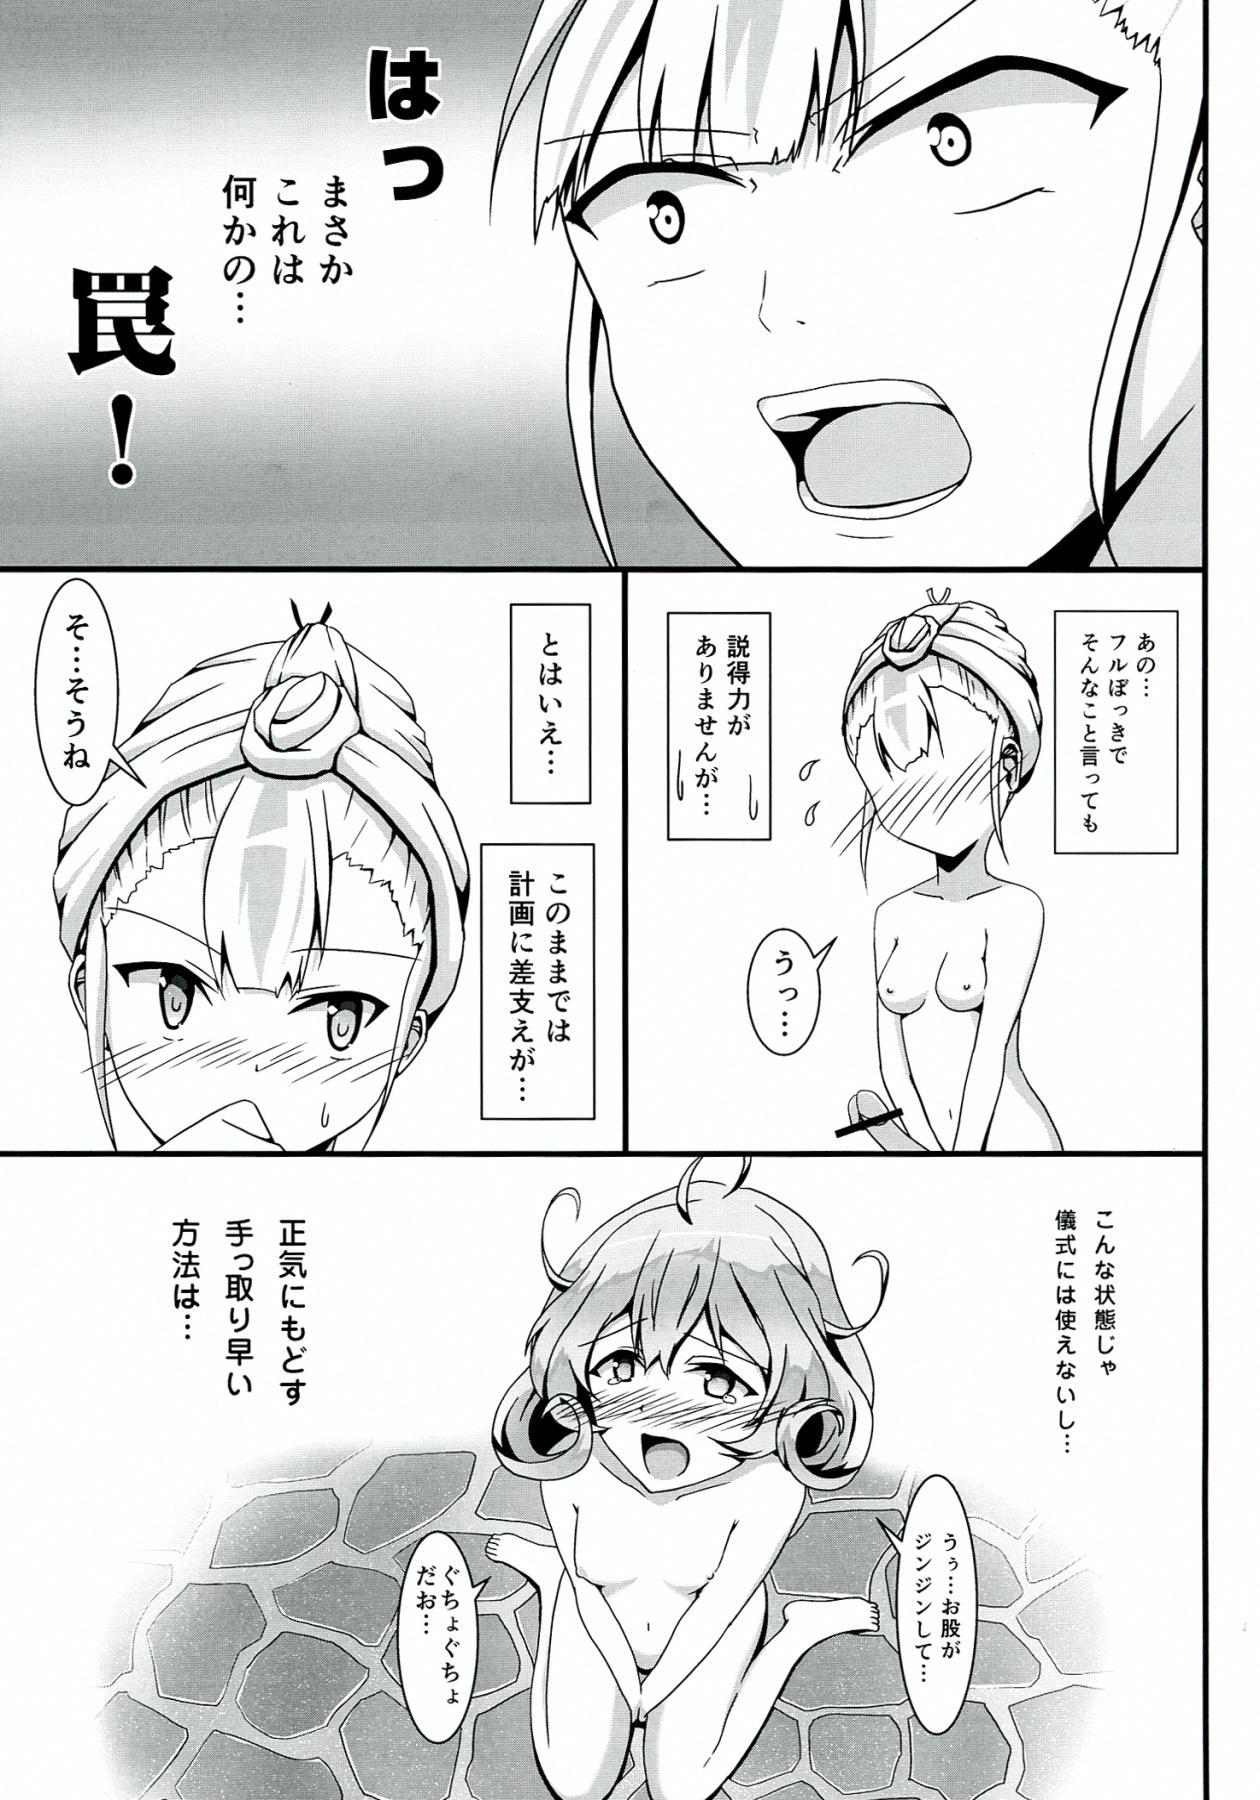 SASAMI-san LINK! 15